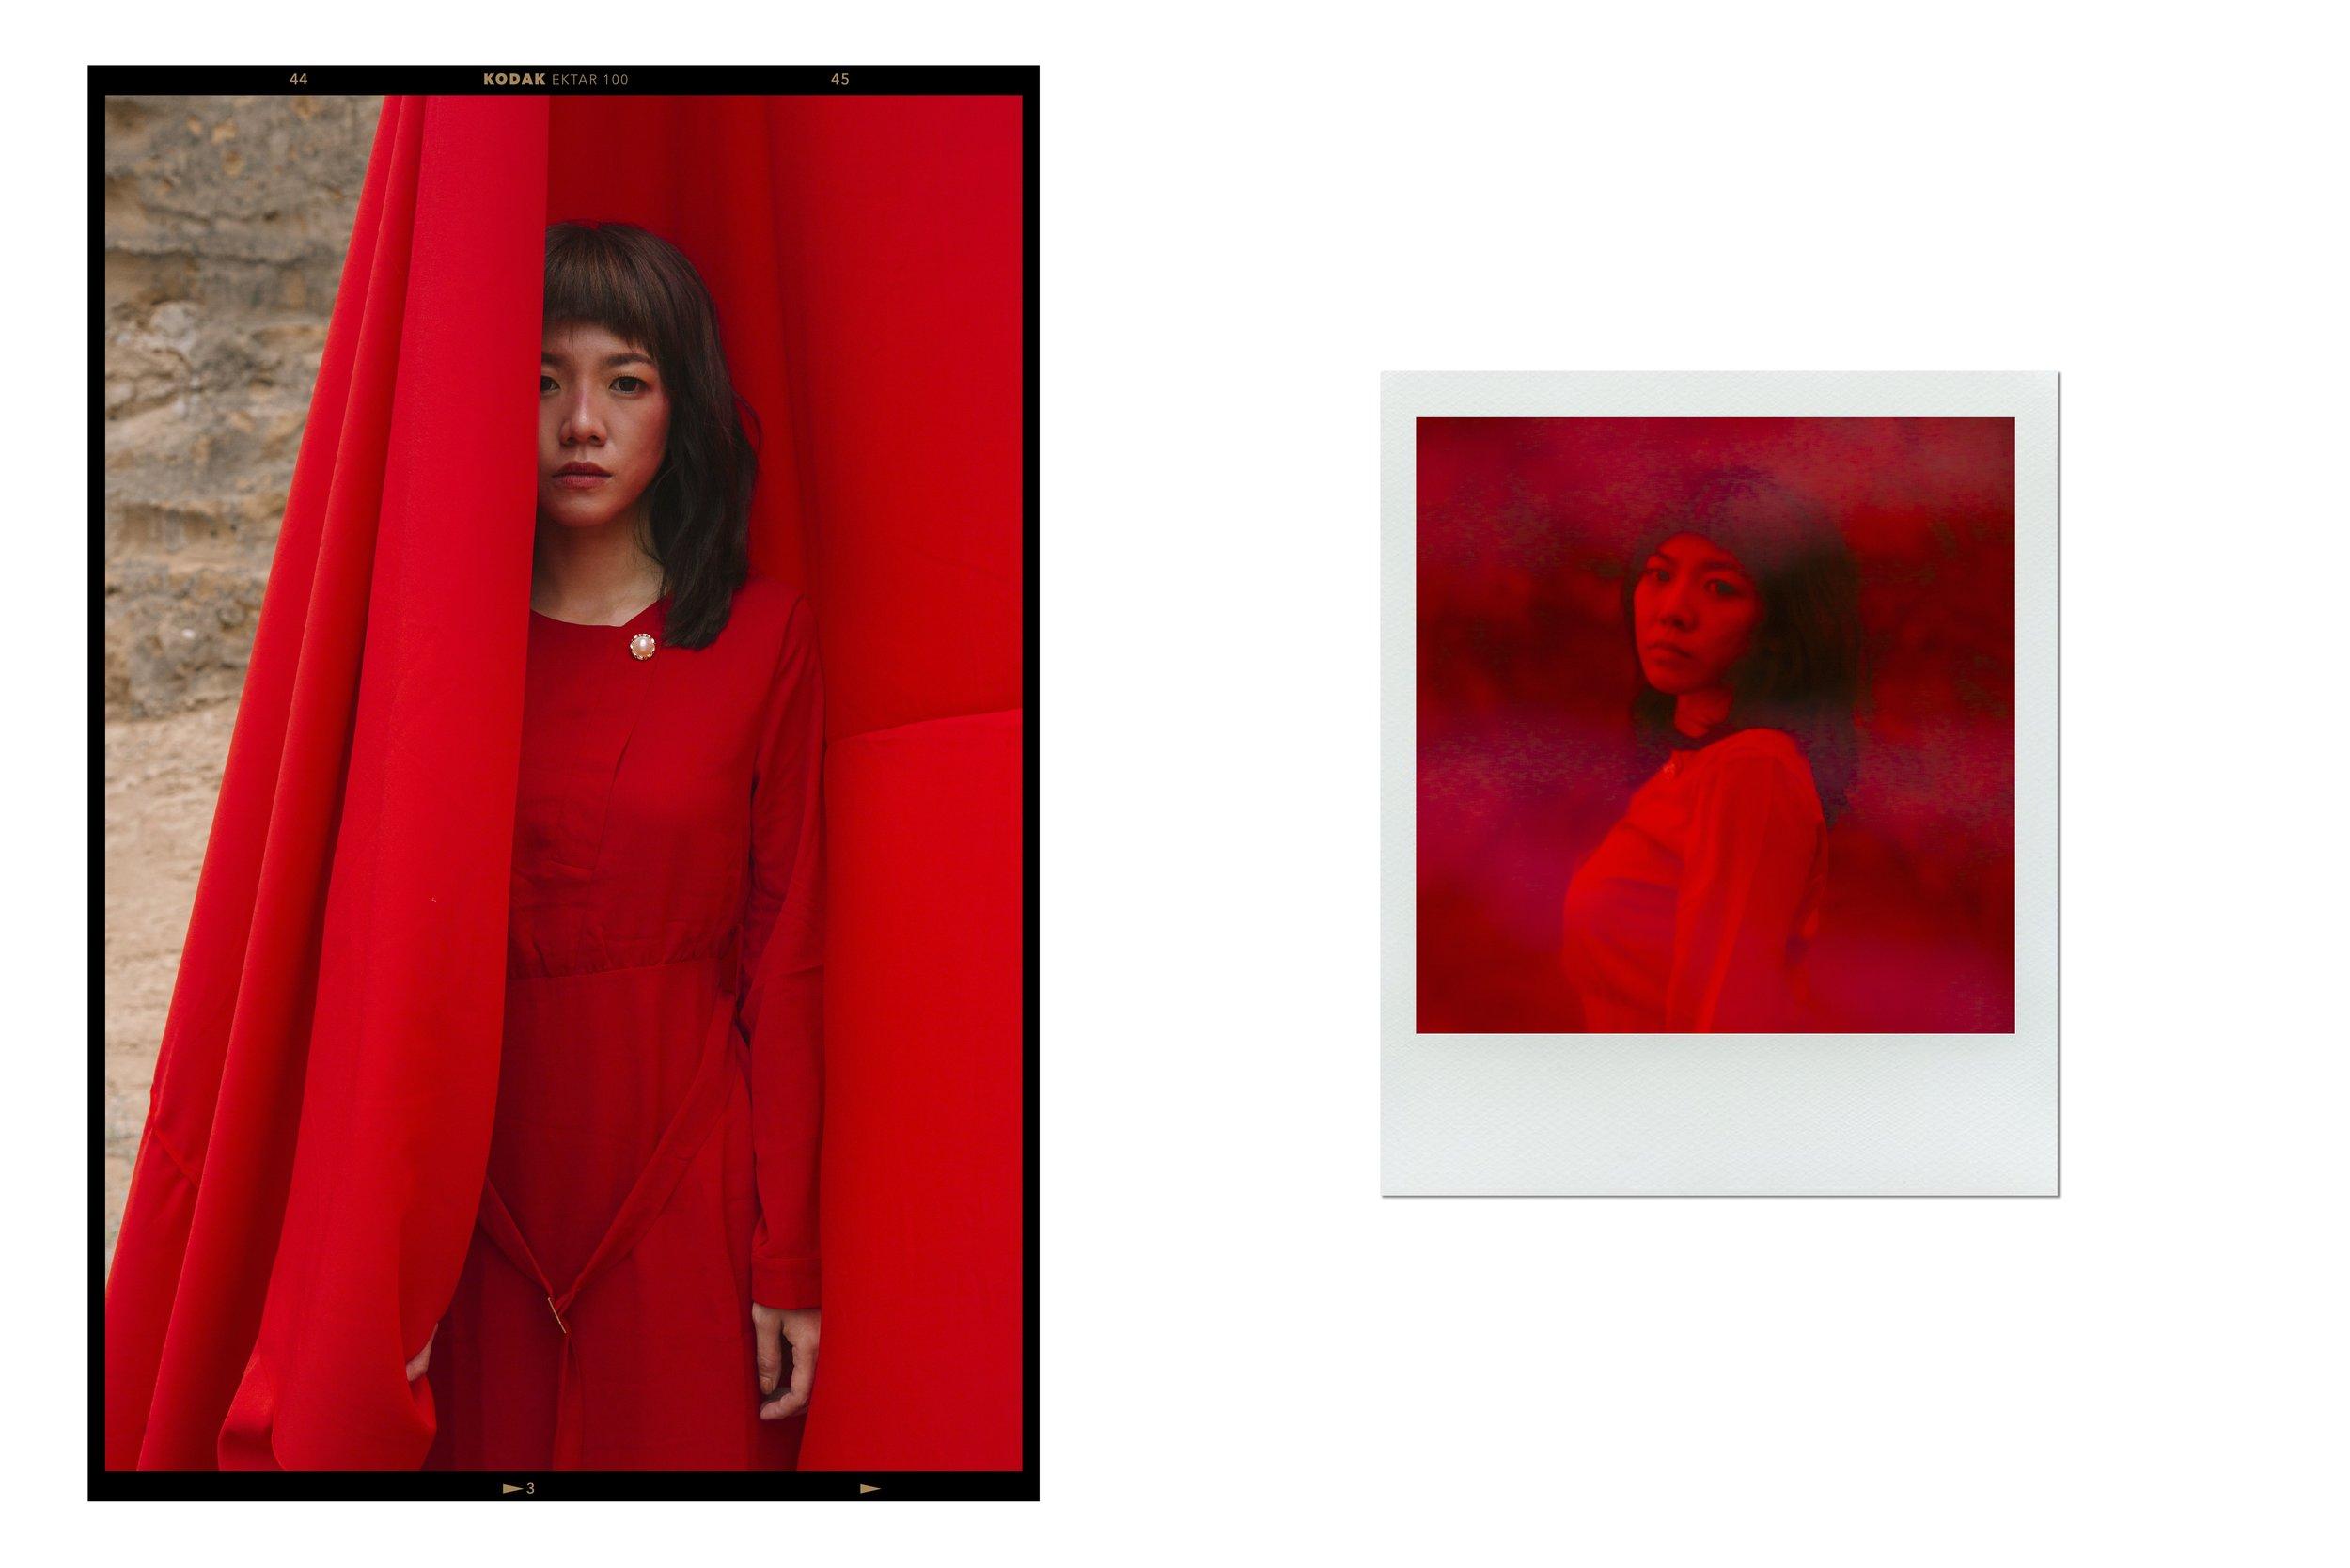 二本貓UrbanCat【紅紅 Les yeux sont rouges】_6.jpeg